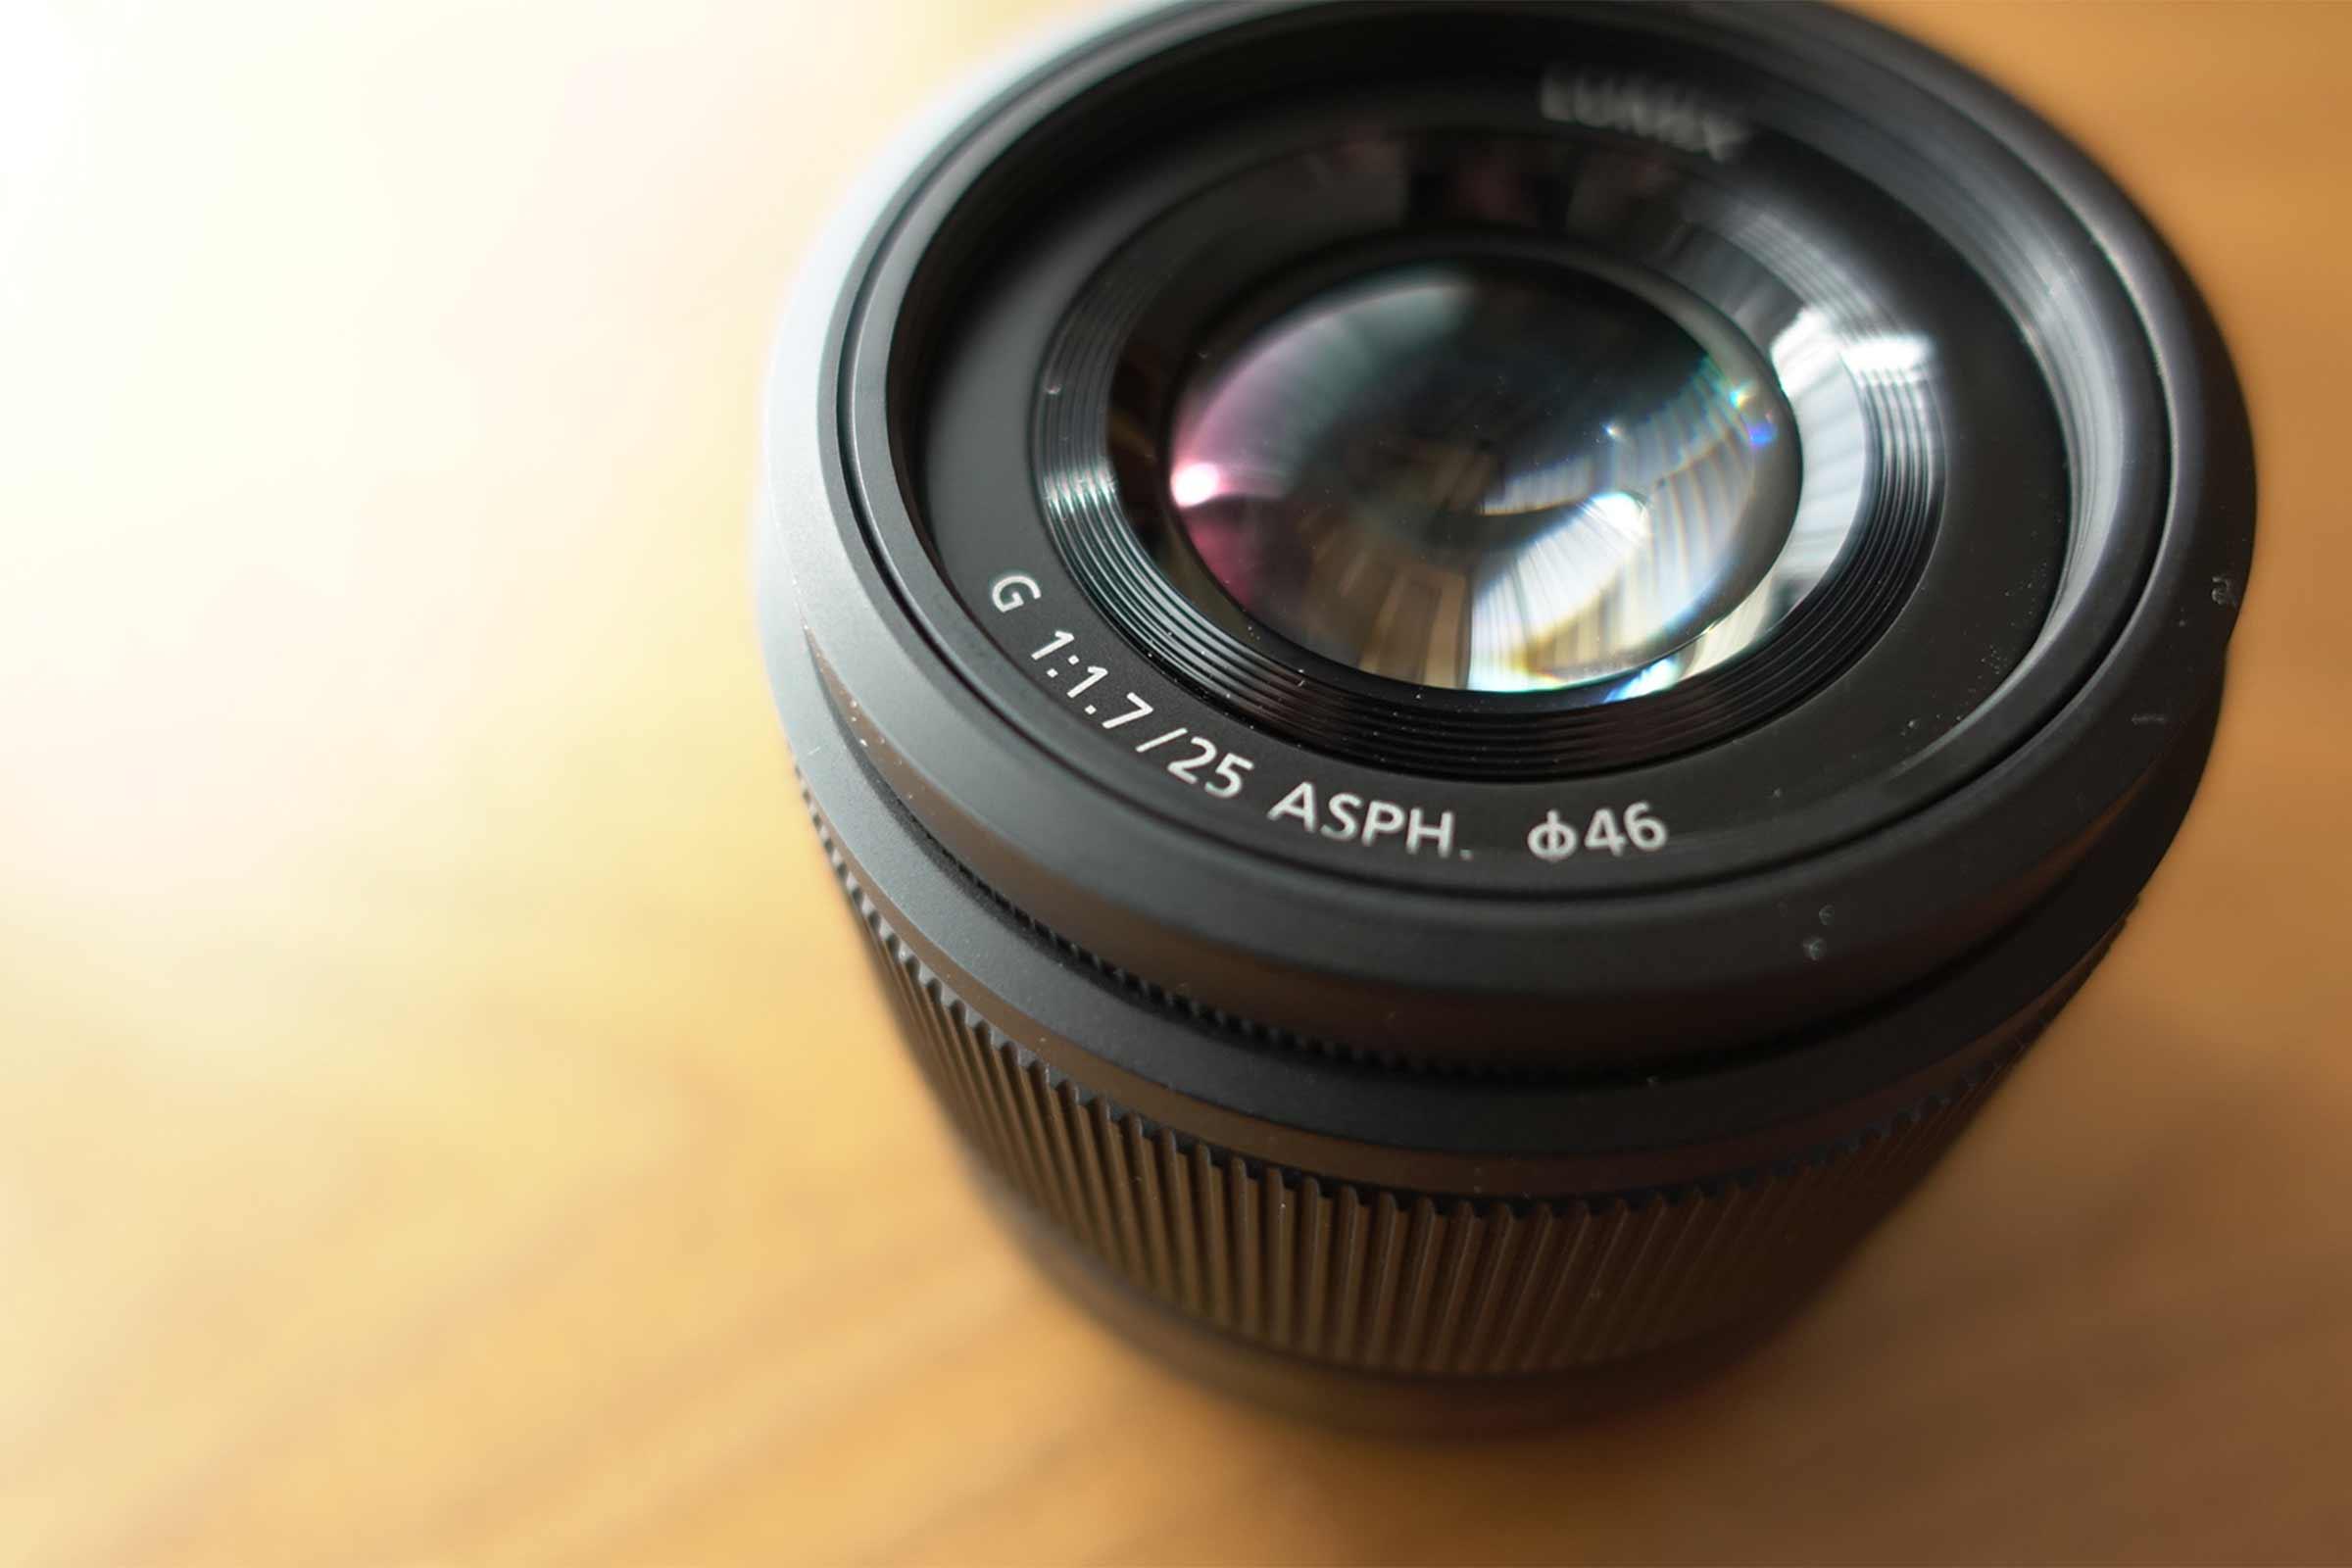 オリンパス,omd,em1,マイクロフォーサーズ,ハイエンド,25mm,f1.7,画質